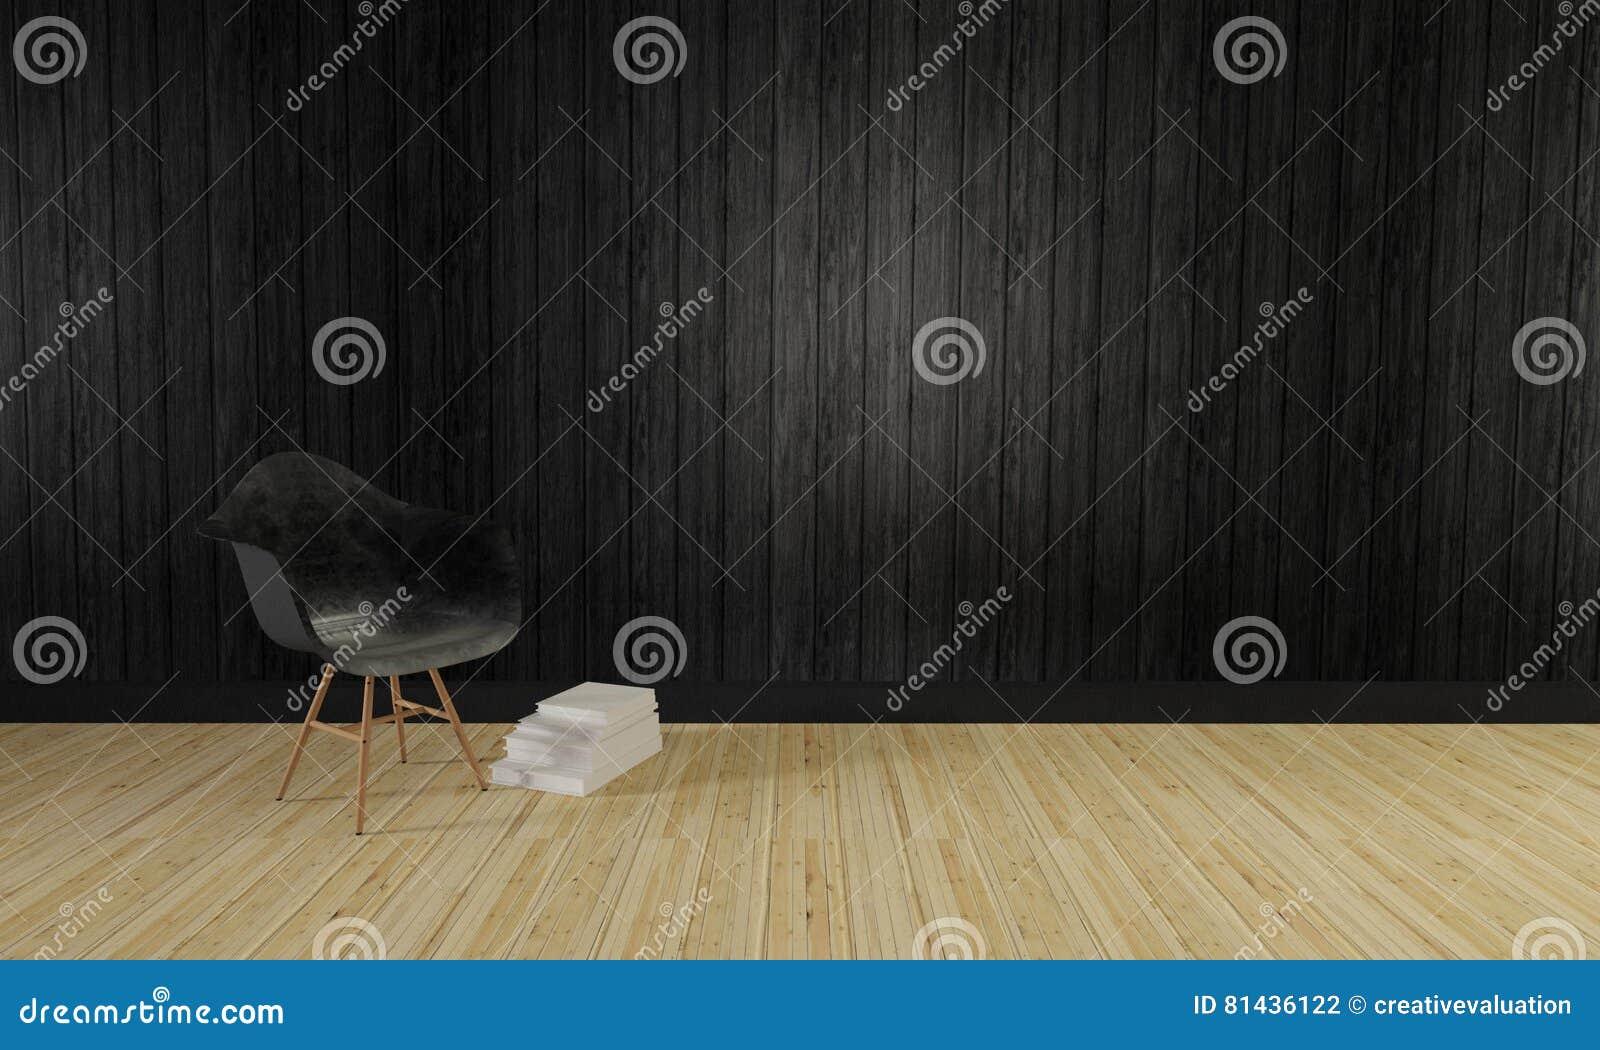 Dachboden Und Einfache Wohnzimmer- Und Hölzernewand Background-3d ...